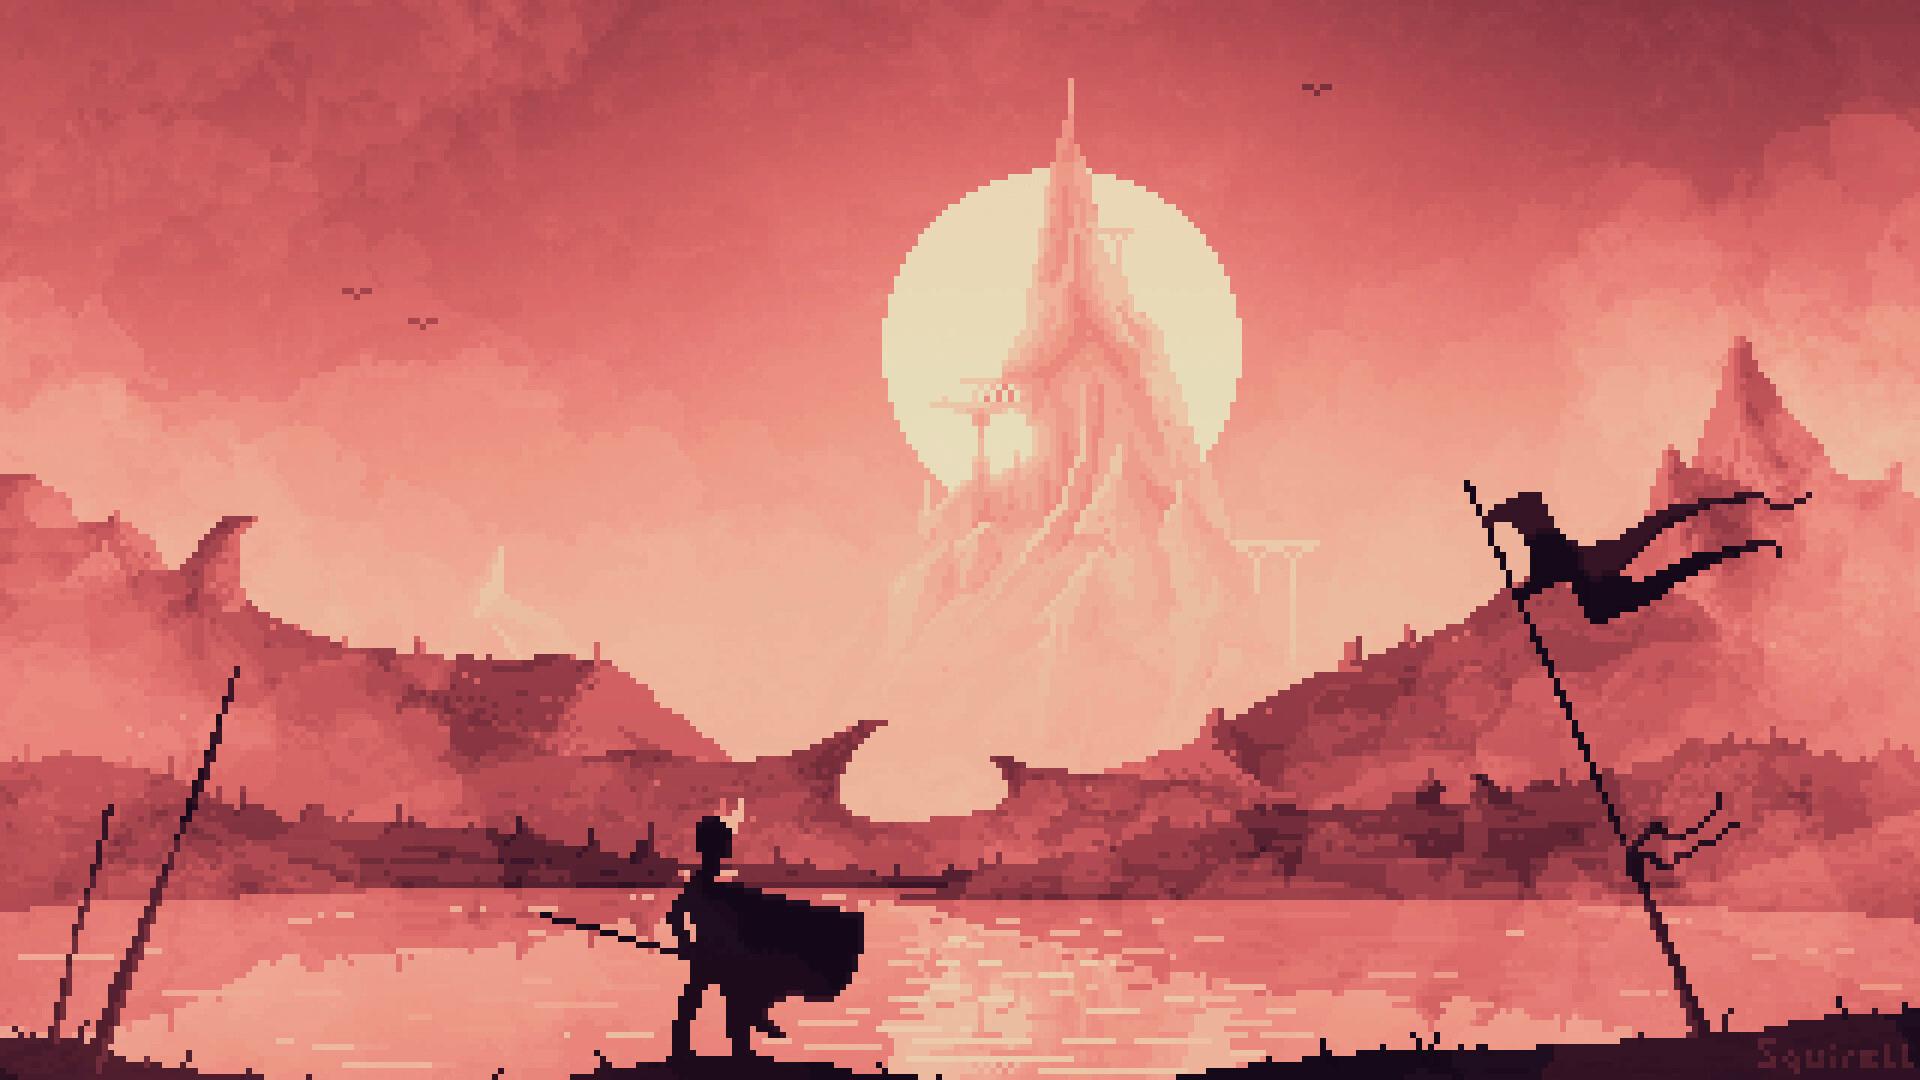 Анимация фона для игры